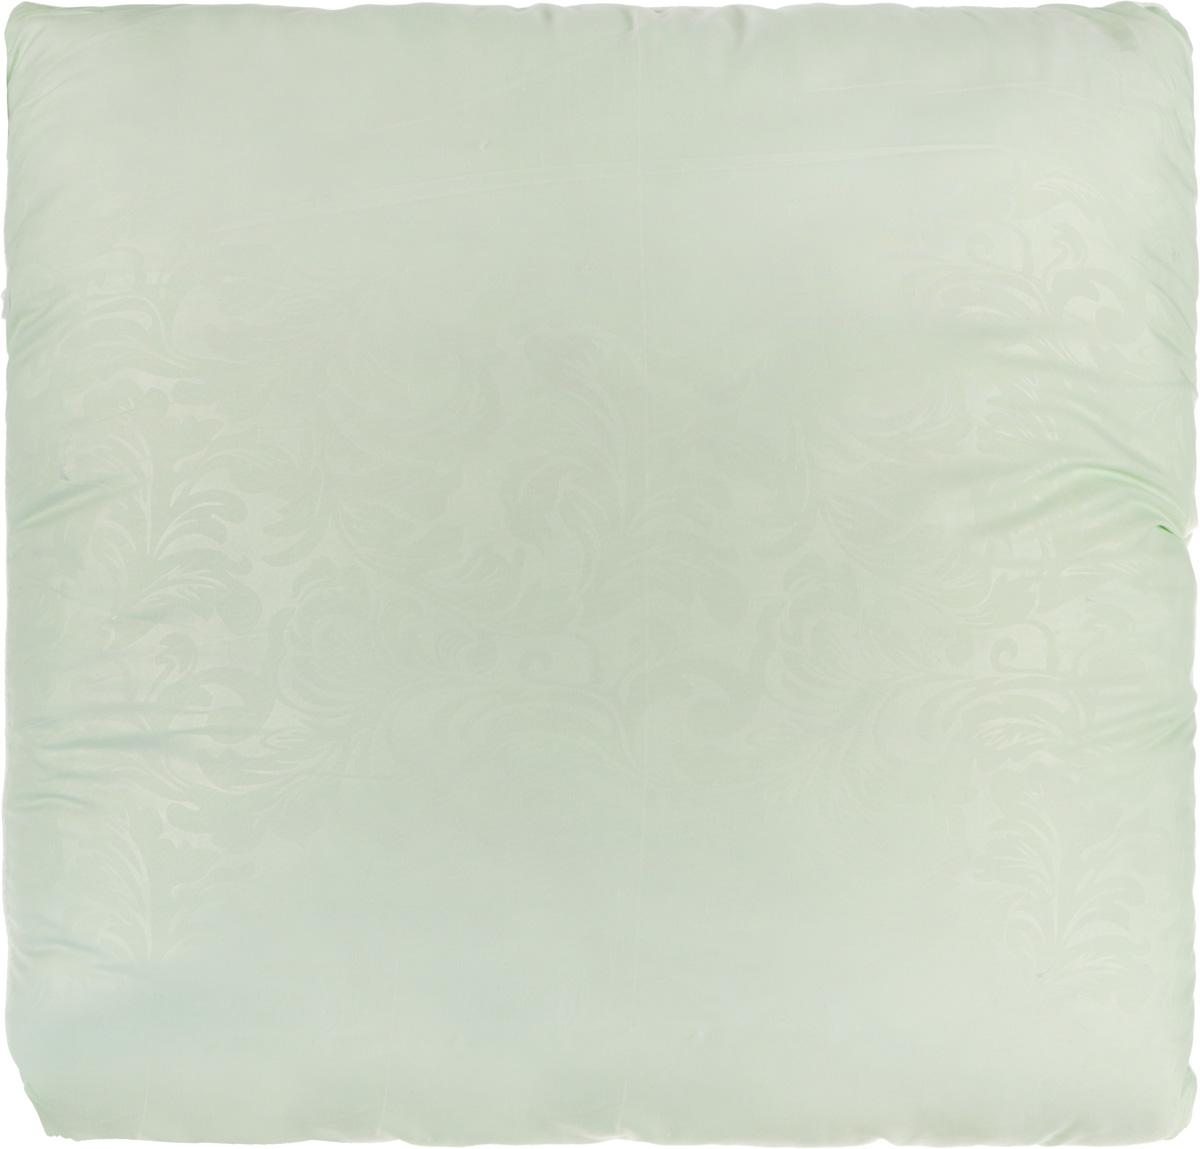 """Подушка Smart Textile """"Безмятежность"""", наполнитель: лебяжий пух, алоэ вера, цвет: светло-зеленый, 70 х 70 см"""